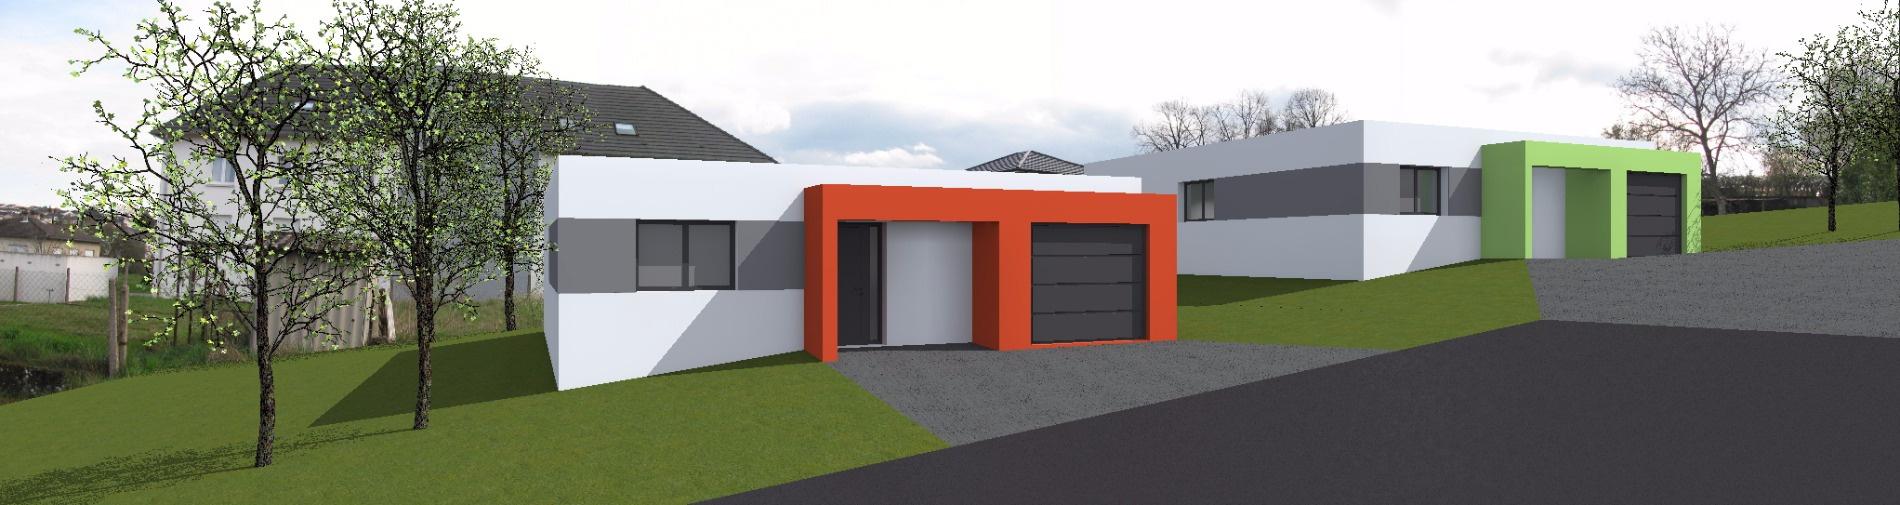 Vente projet de construction d une maison de 100 m for Vente projet de construction